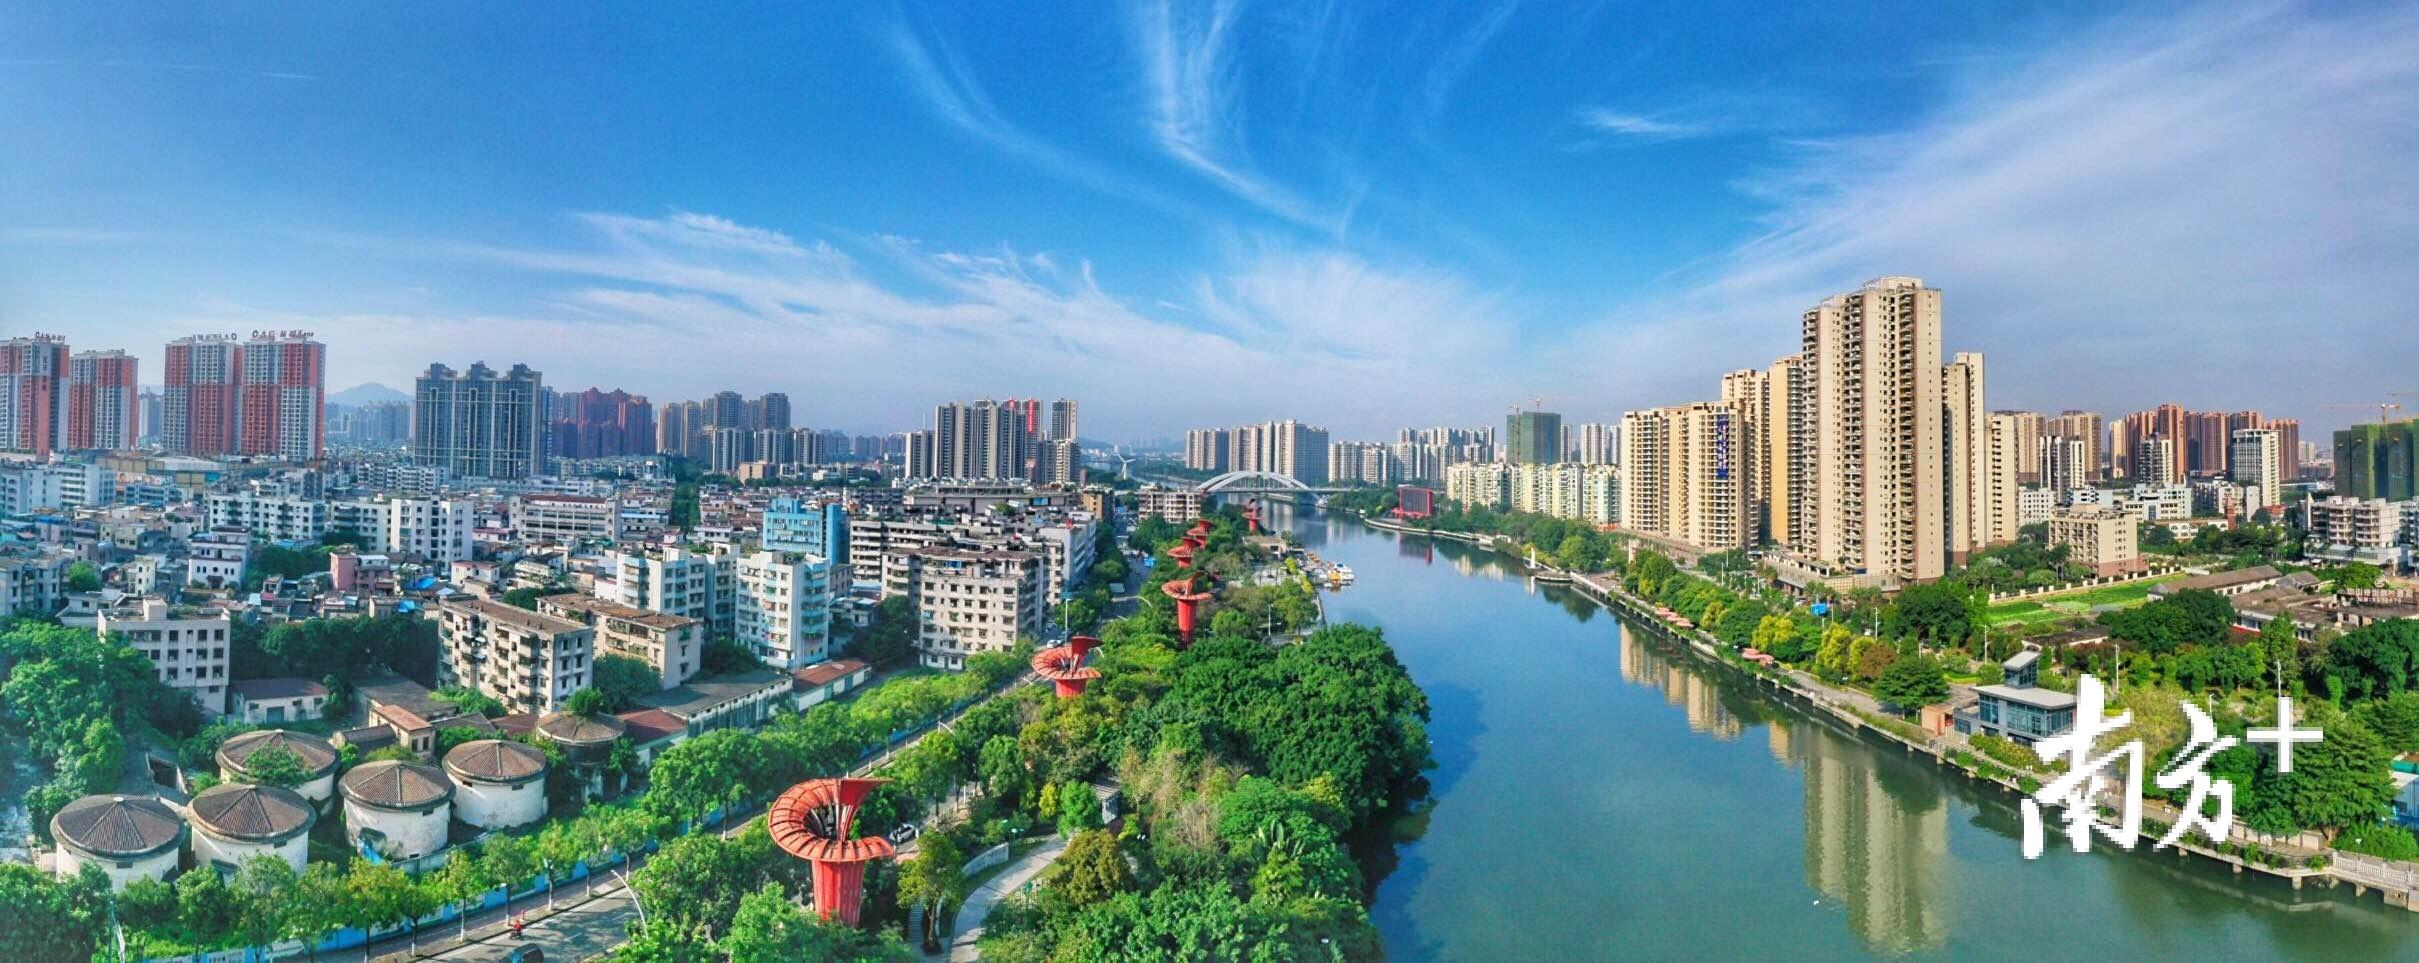 流淌不绝的岐江河,赋予了中山延续古今的城市活力。